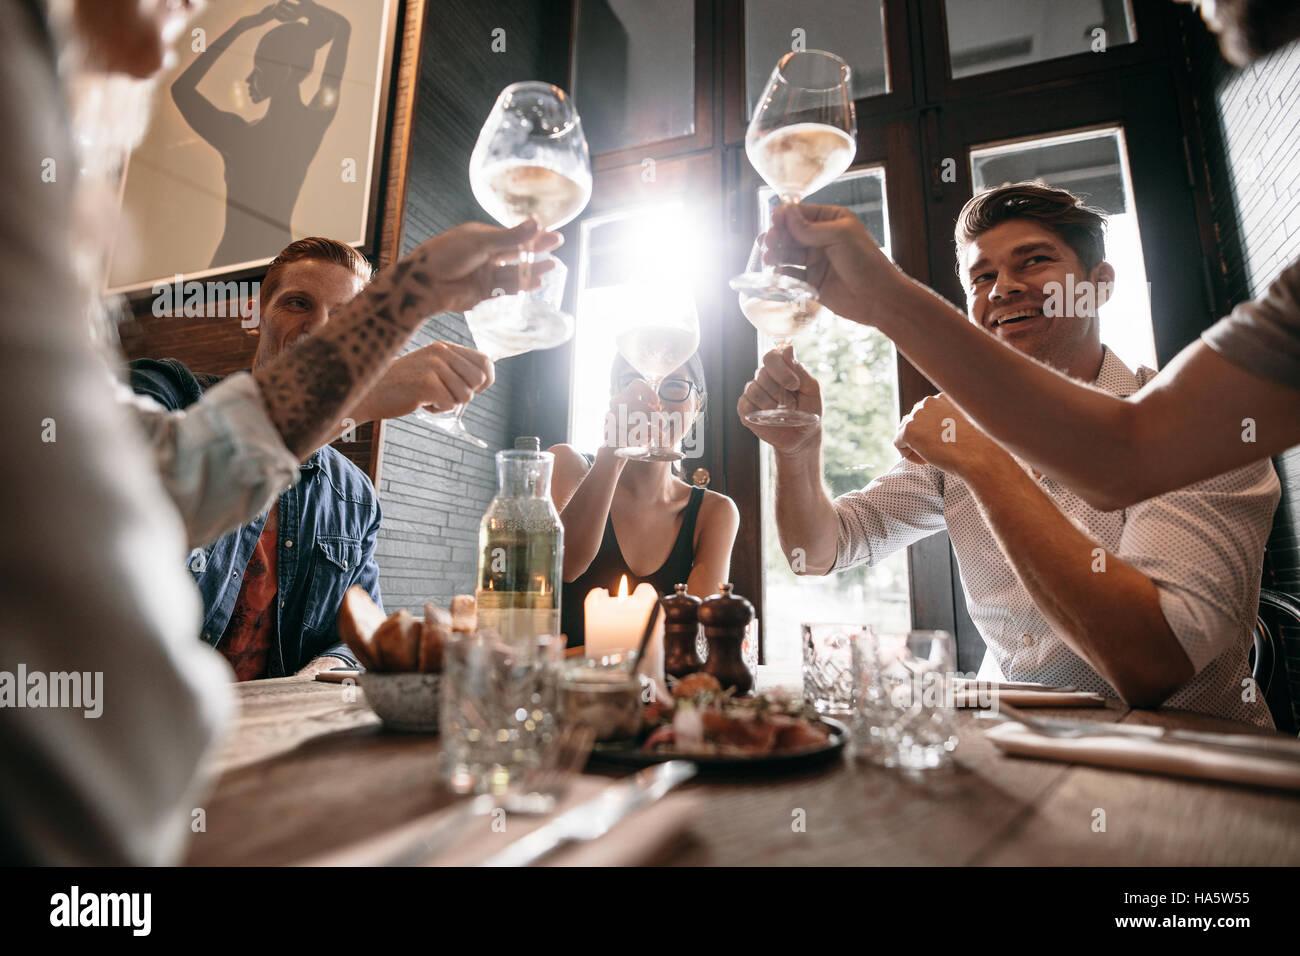 Gruppo di giovani di fare un brindisi al ristorante. Gli uomini e le donne sedute a un tavolo in cafe e tostatura Immagini Stock